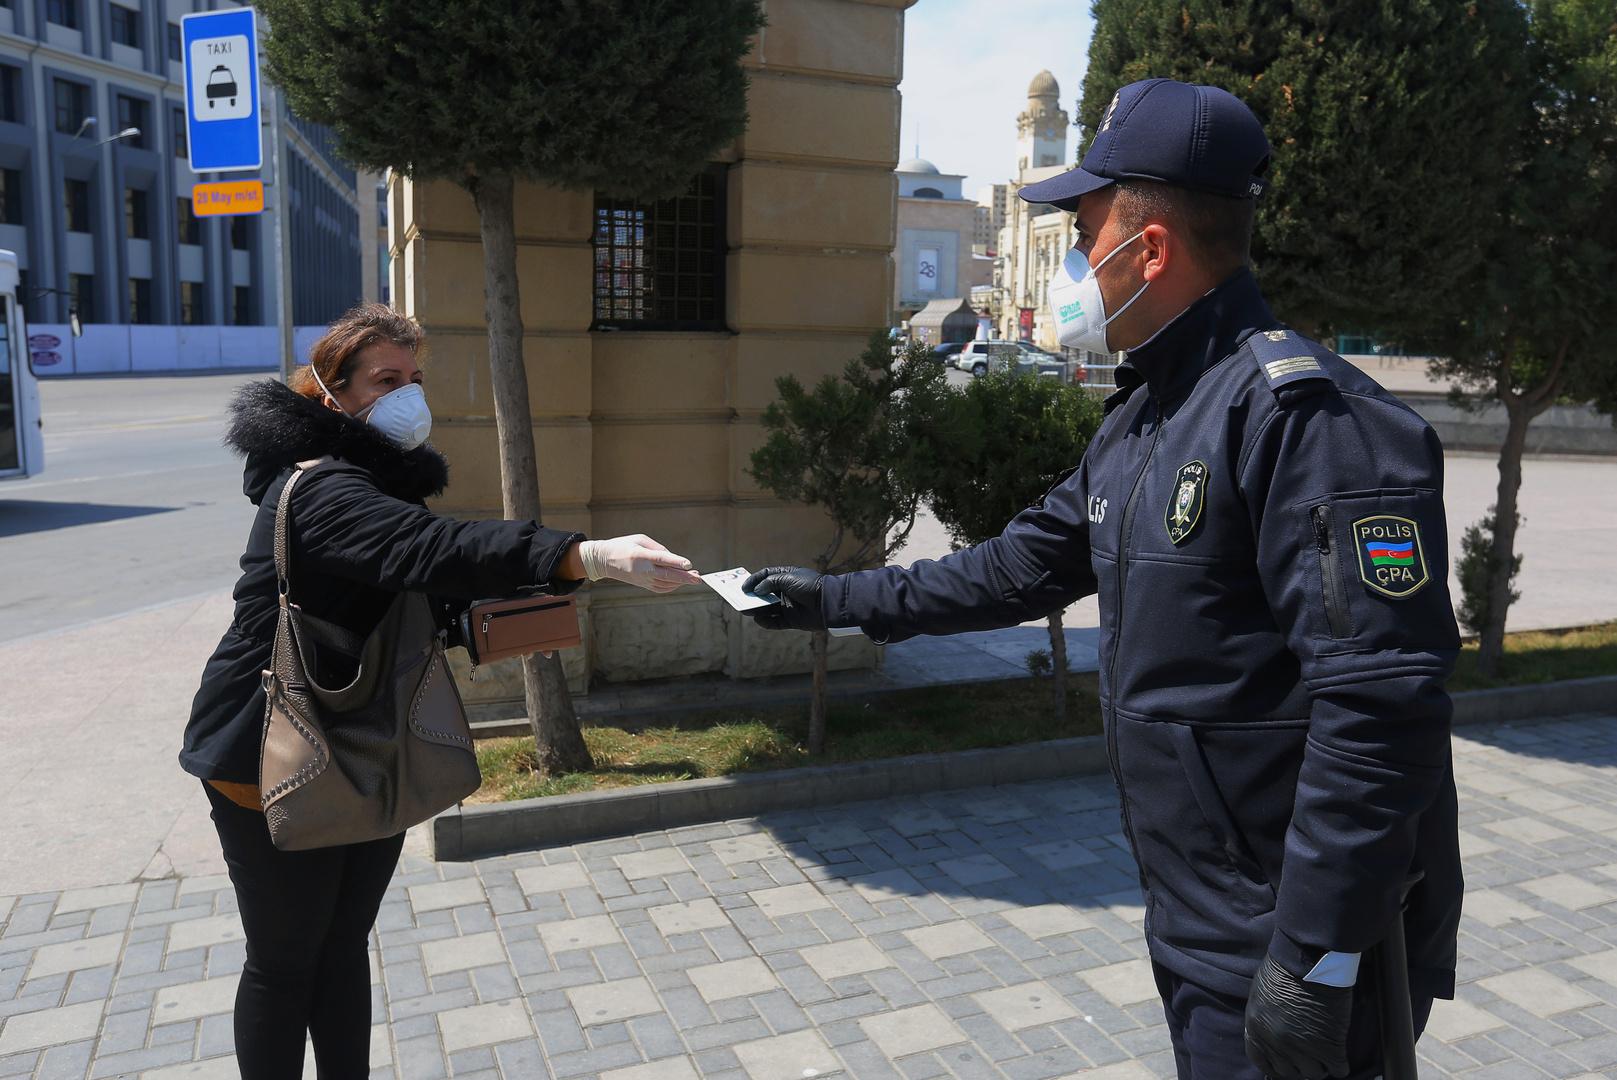 شرطي يتأكد من إذن الخروج لمواطنة في أذربيجان ضمن الإجراءات الصحية في مواجهة فيروس كورونا